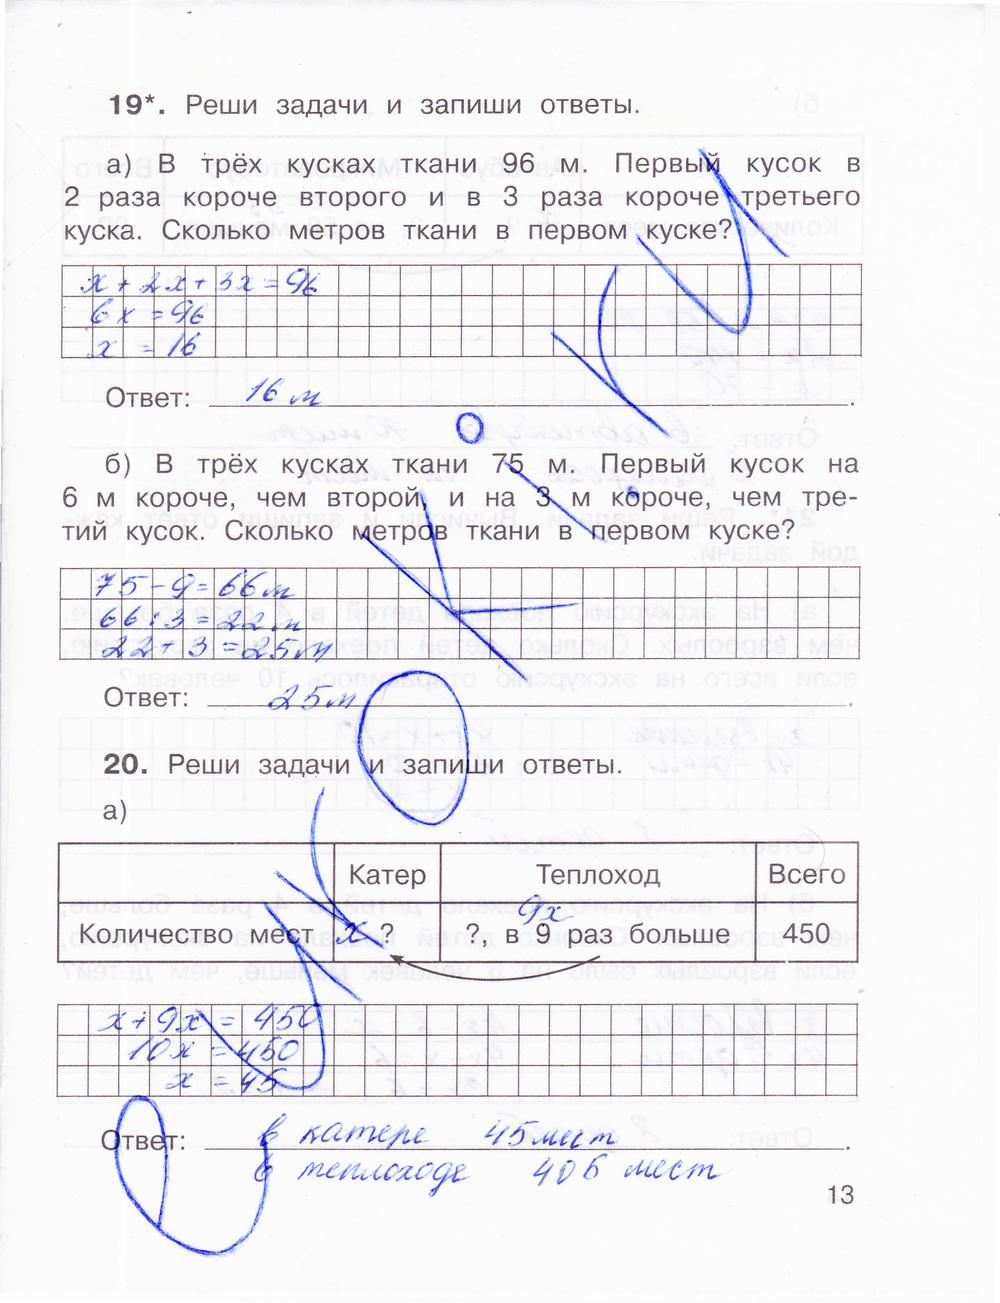 Математика 4 класс рабочая тетрадь часть 1 пожалуста решение номер